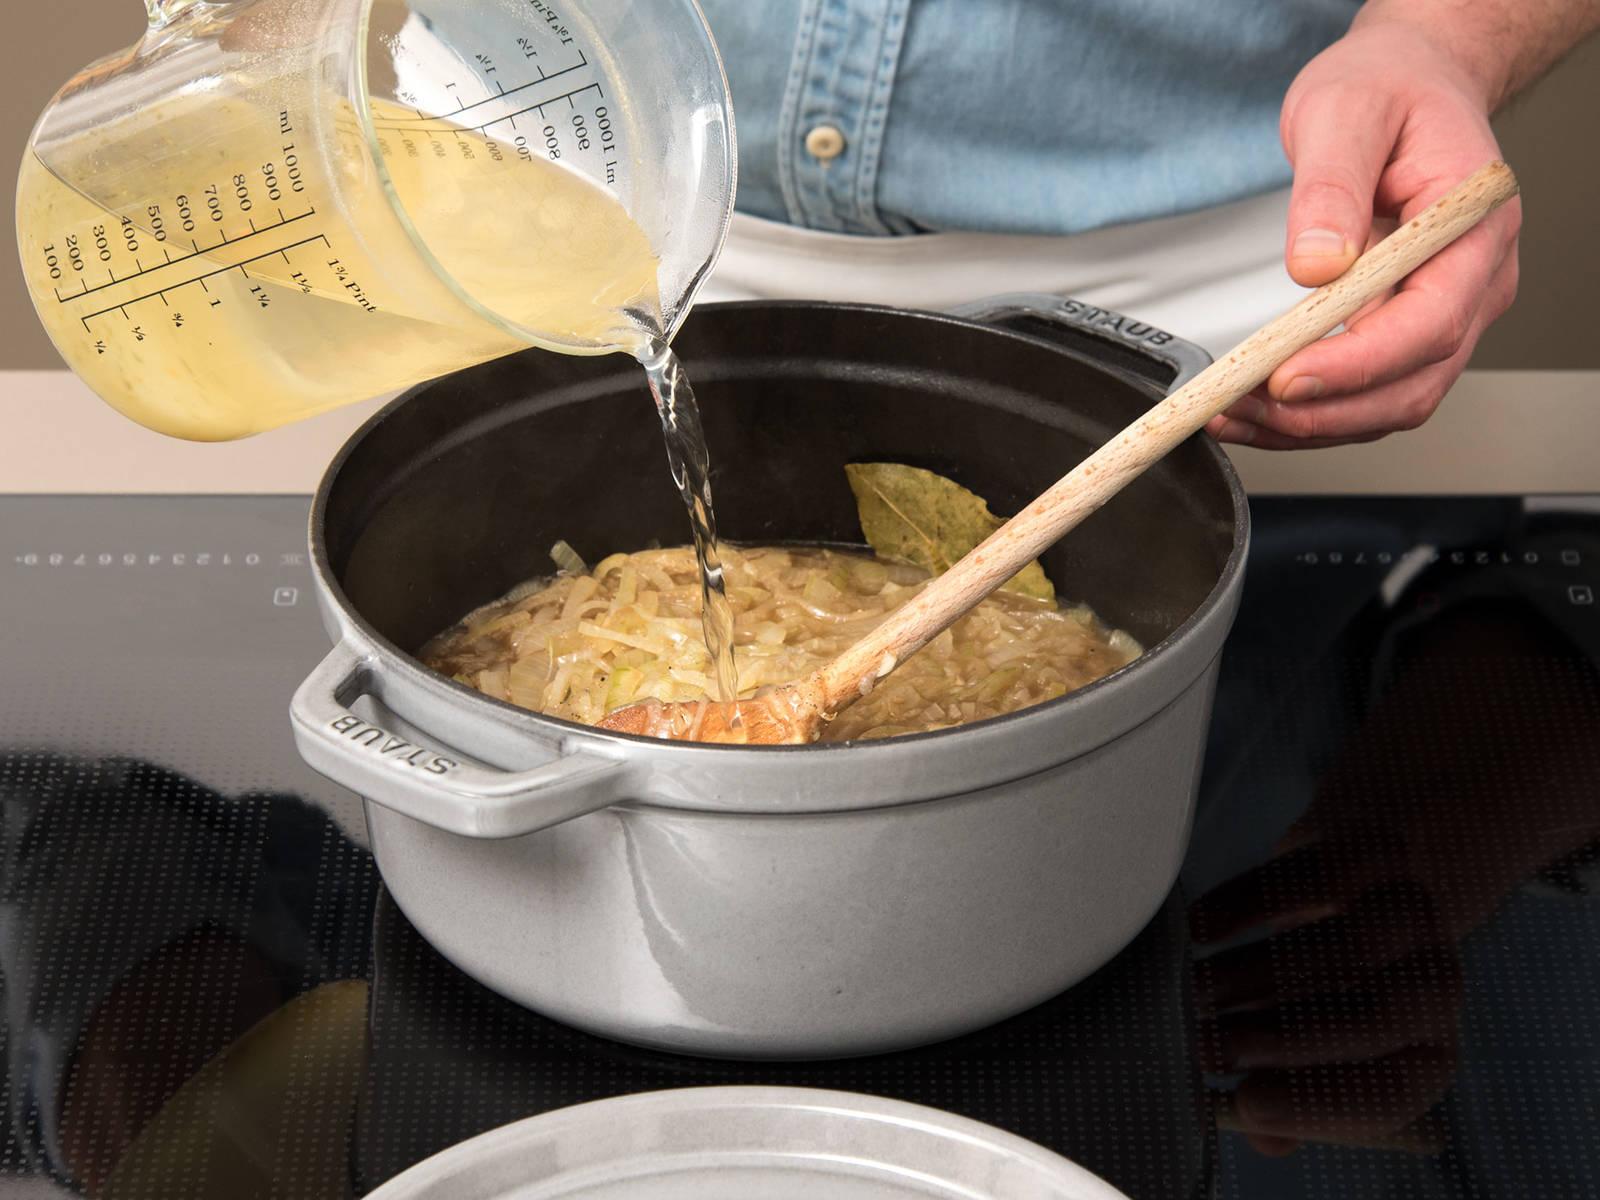 Braunen Zucker, Salz und Pfeffer in den Topf geben. Mit Gemüsebrühe und Weißwein aufgießen und auf mittlerer Hitze ca. 30 Min. köcheln lassen.